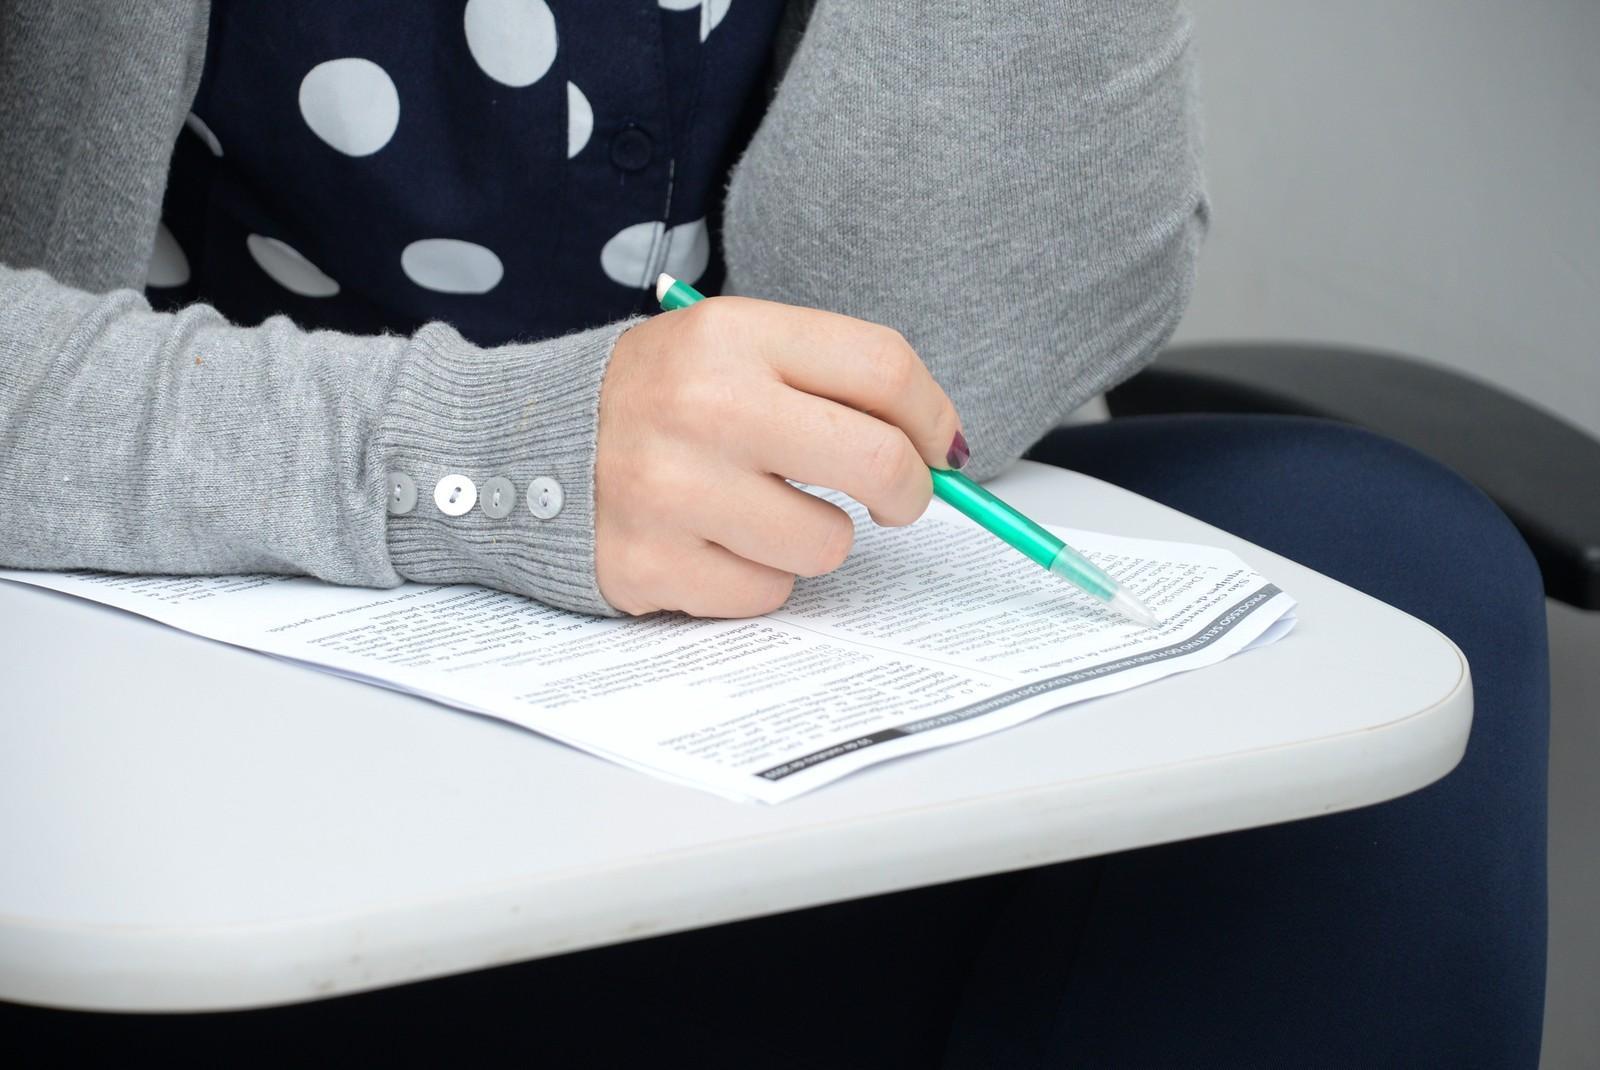 Prorrogado prazo de inscrições para seleção de profissionais de saúde que atuarão na 'Capacitação de Conselheiros e Lideranças de Saúde' em Palmas